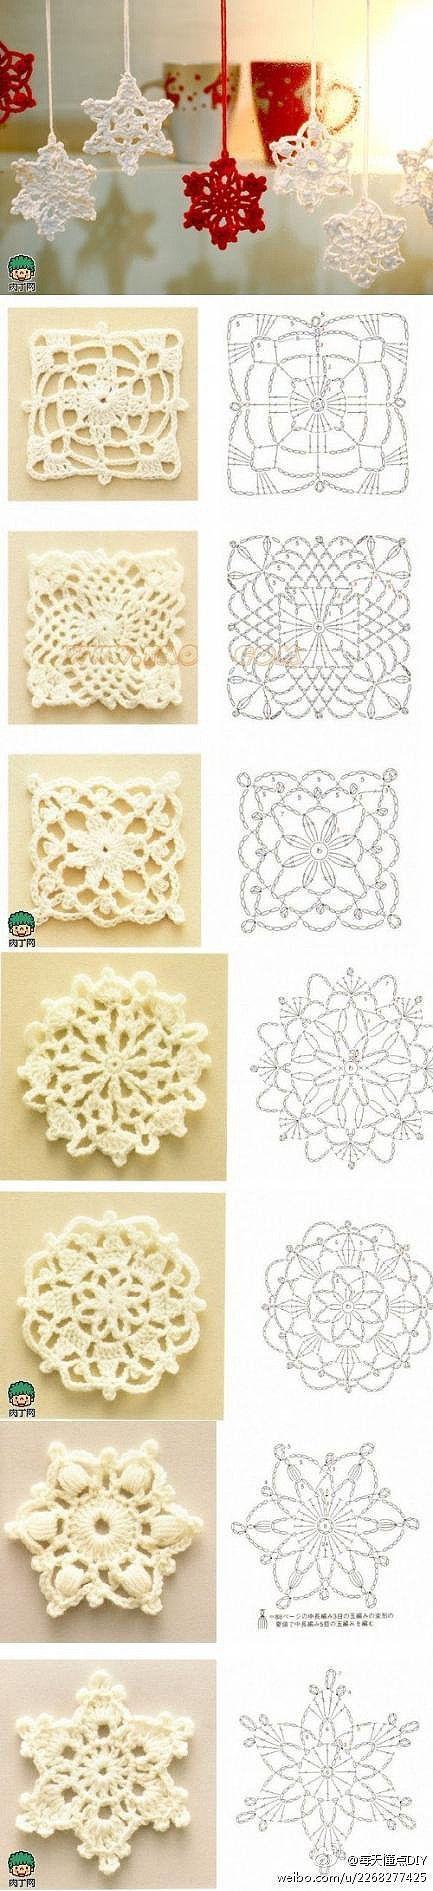 Snowflakes w/diagram.